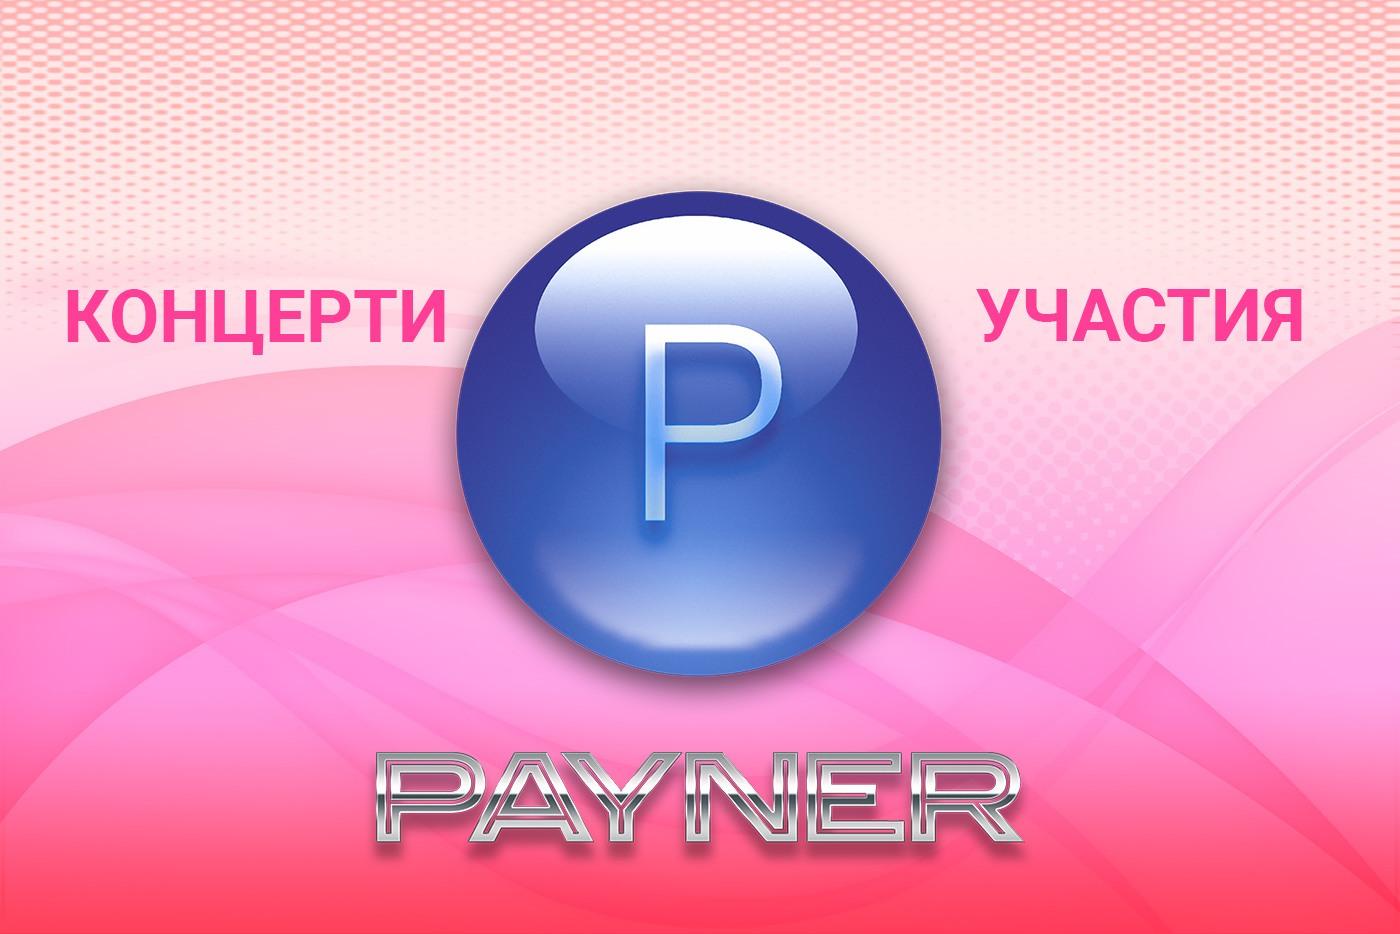 """Участия на звездите на """"Пайнер"""" на 16.10.2018"""